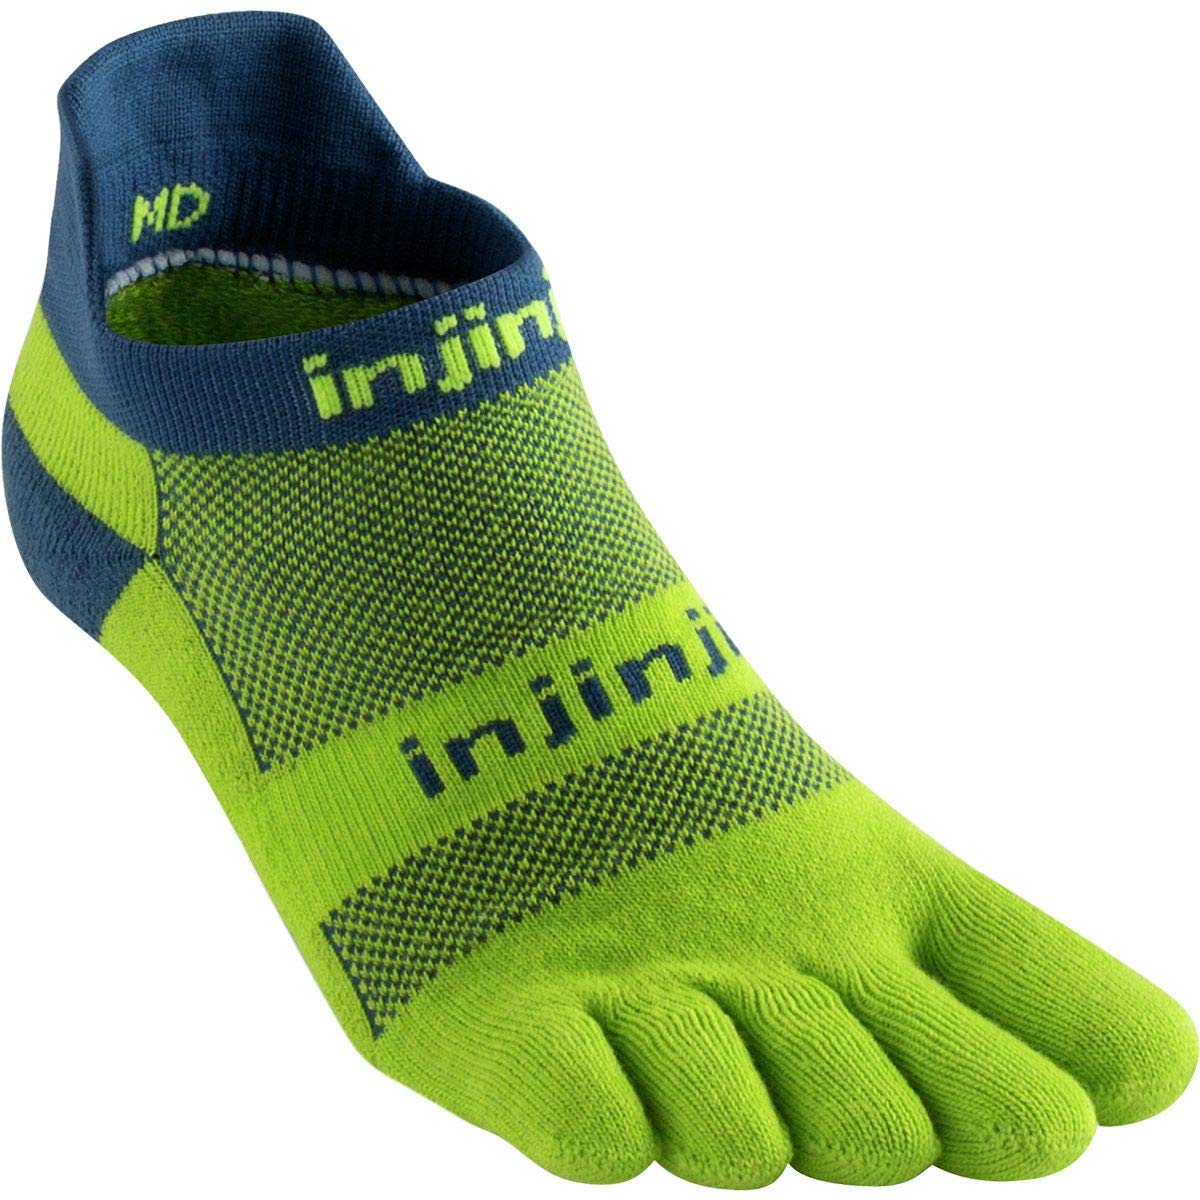 Injinji Socks Correr Peso Medio No Show Correr Calapiés Calcetines Pistacho